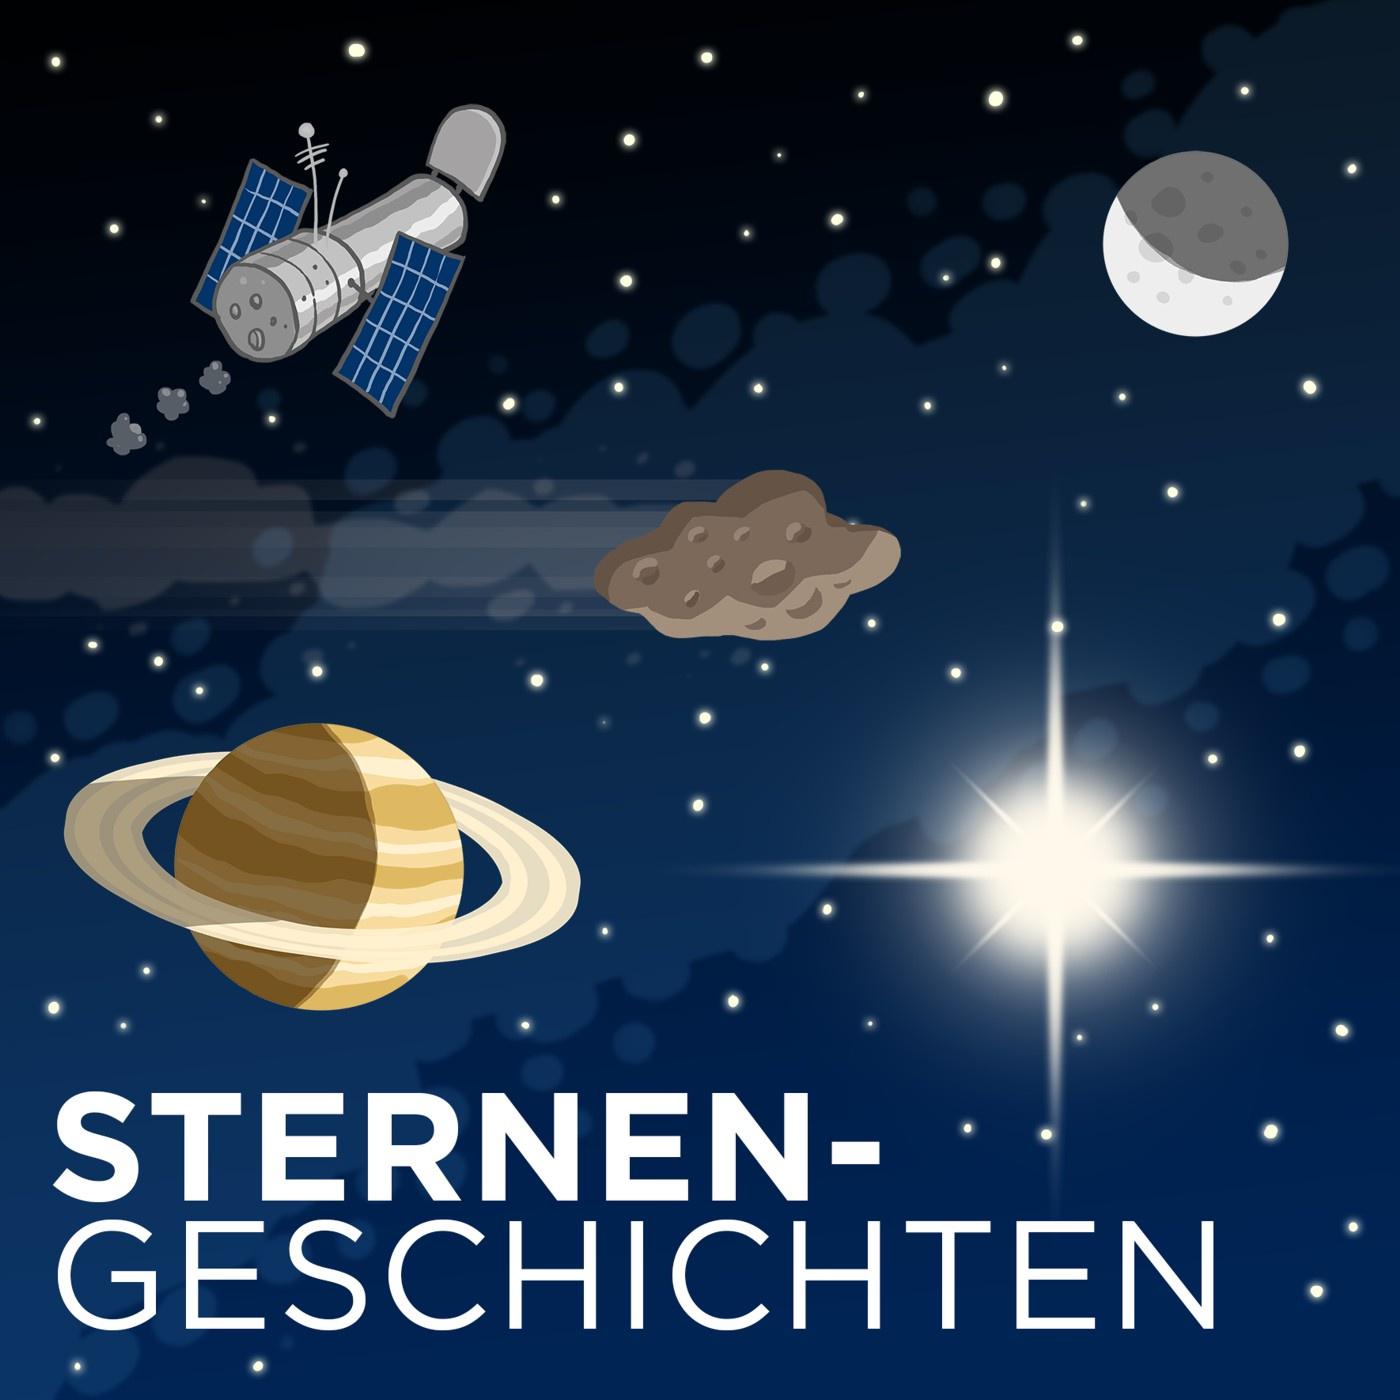 Sternengeschichten Folge 432: Wiedergeborene Blaue Nachzügler